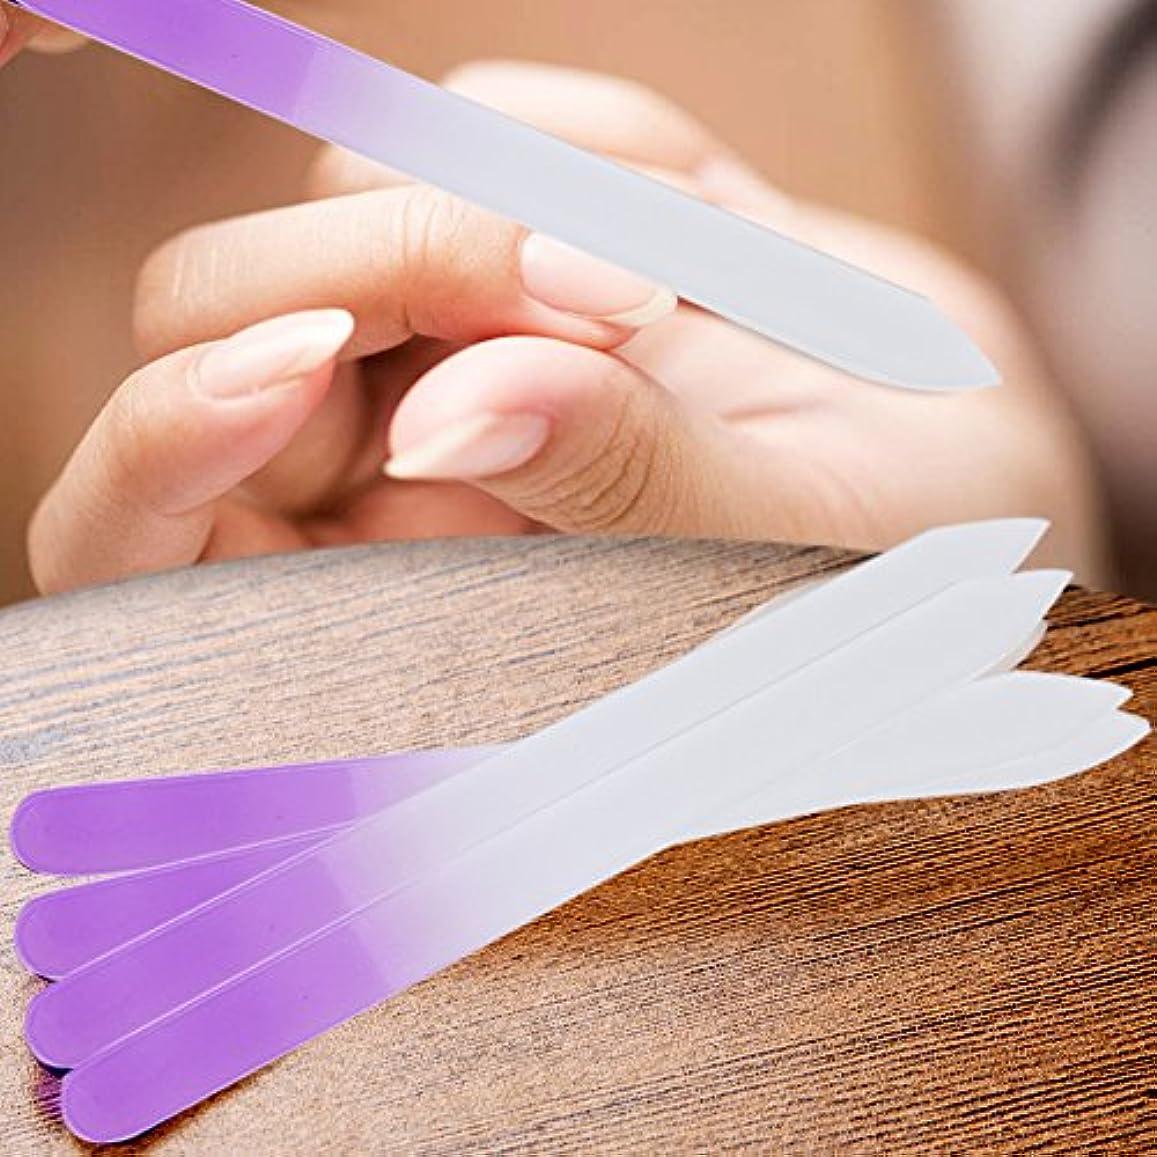 従順な設計図昇進Demiawaking 爪ヤスリ ガラスネイルファイル 両面 爪やすり 爪磨き ネイルケア マニキュアファイル 4個組